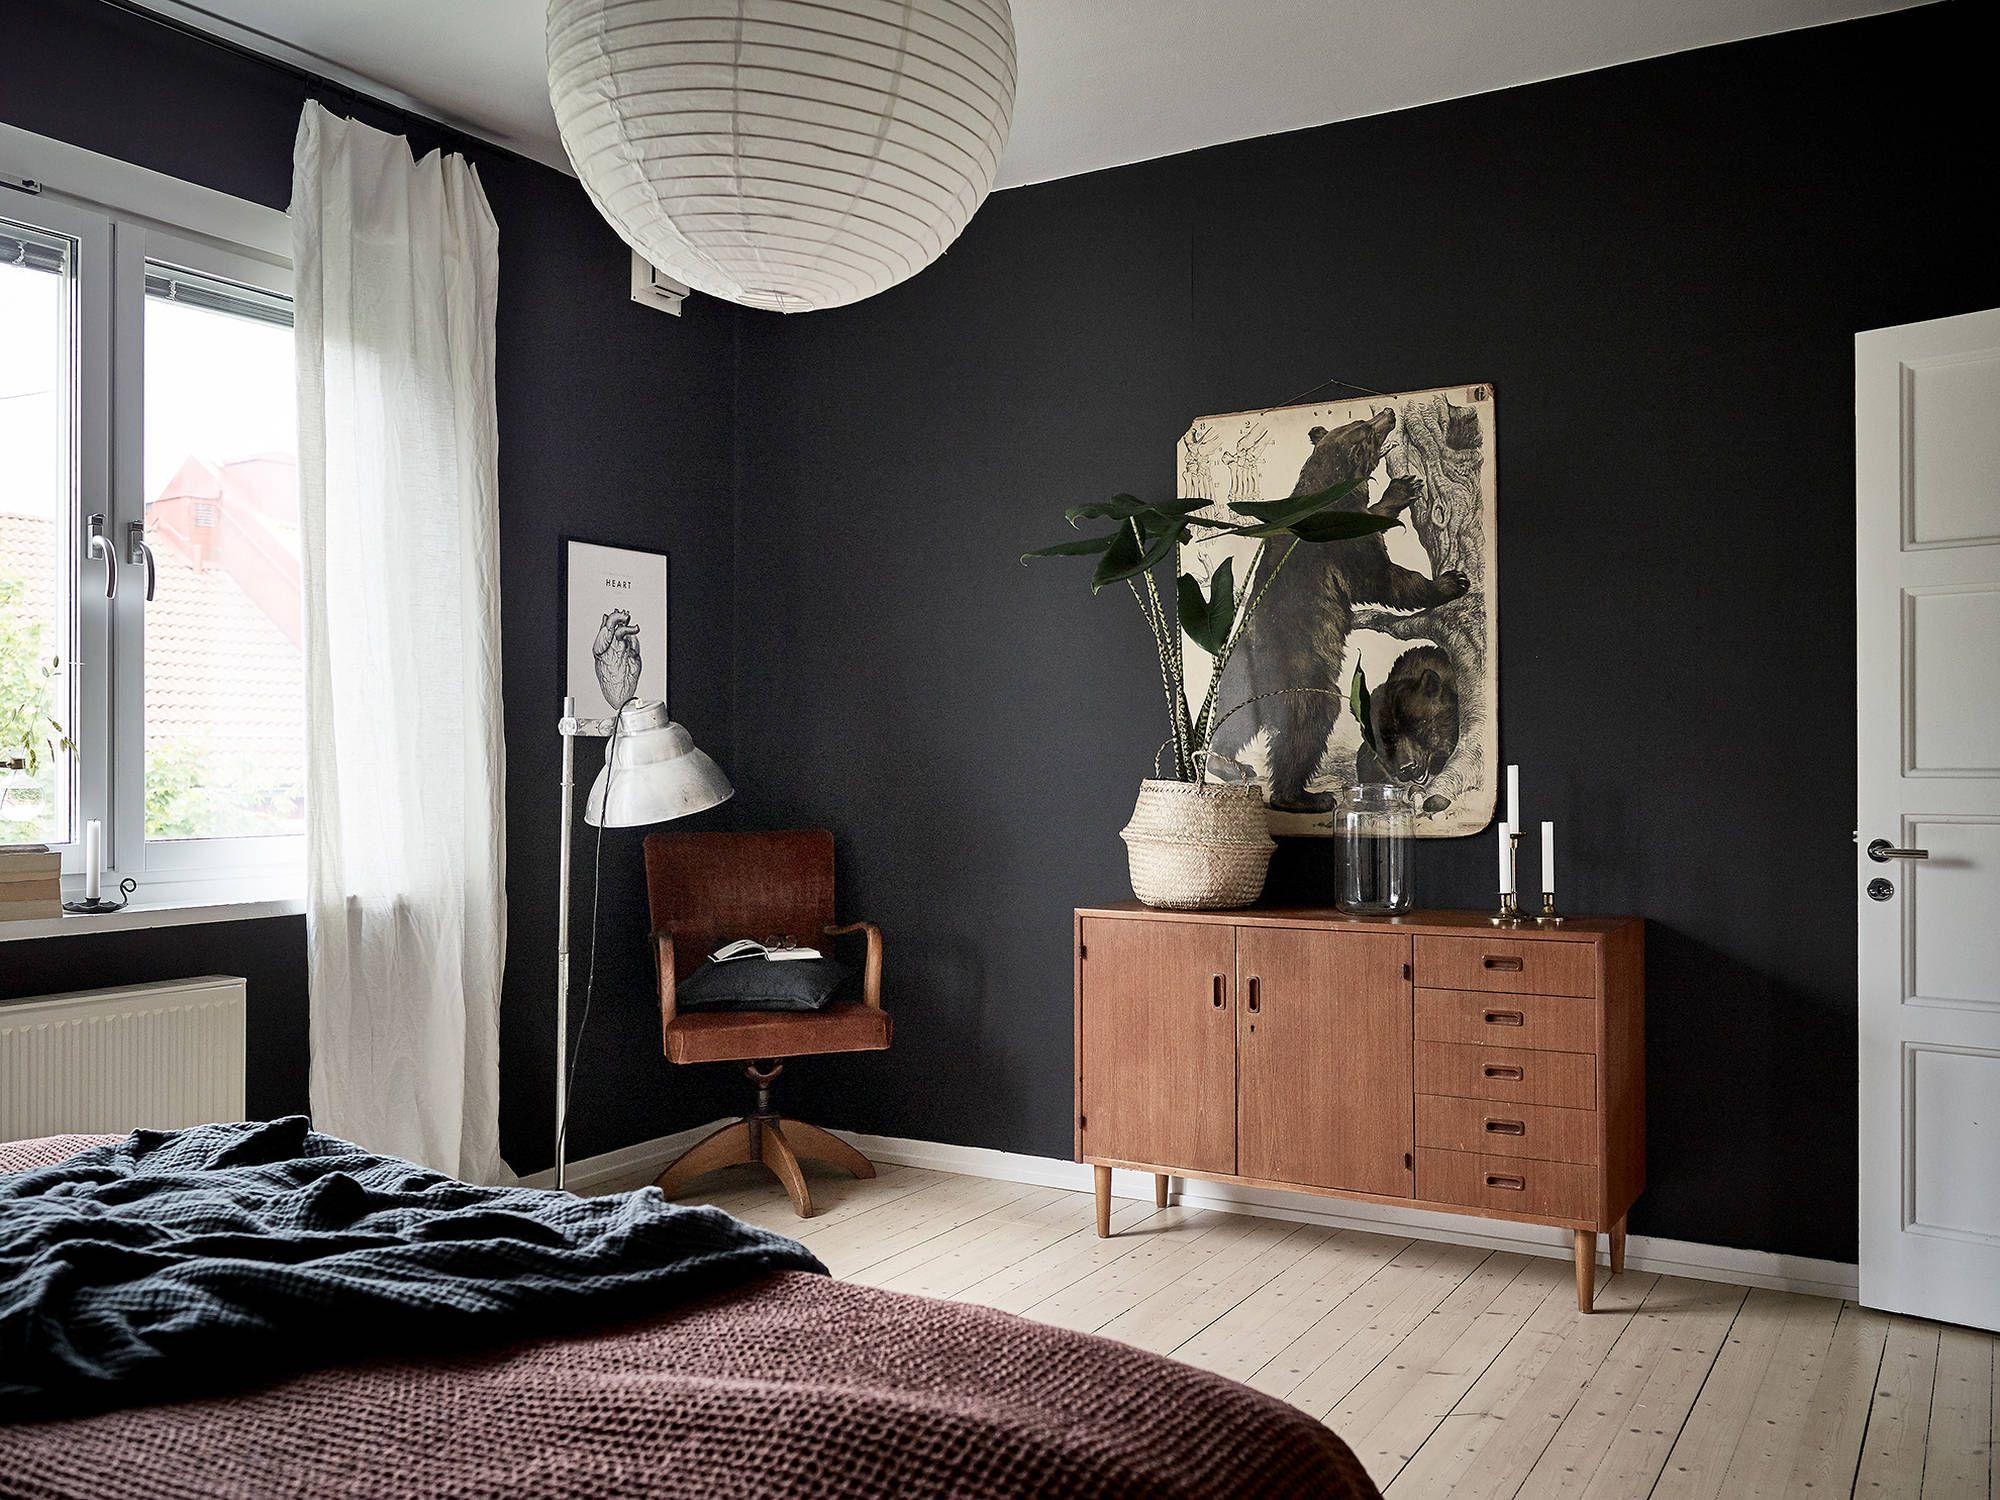 Slaapkamer in paars tint drywall